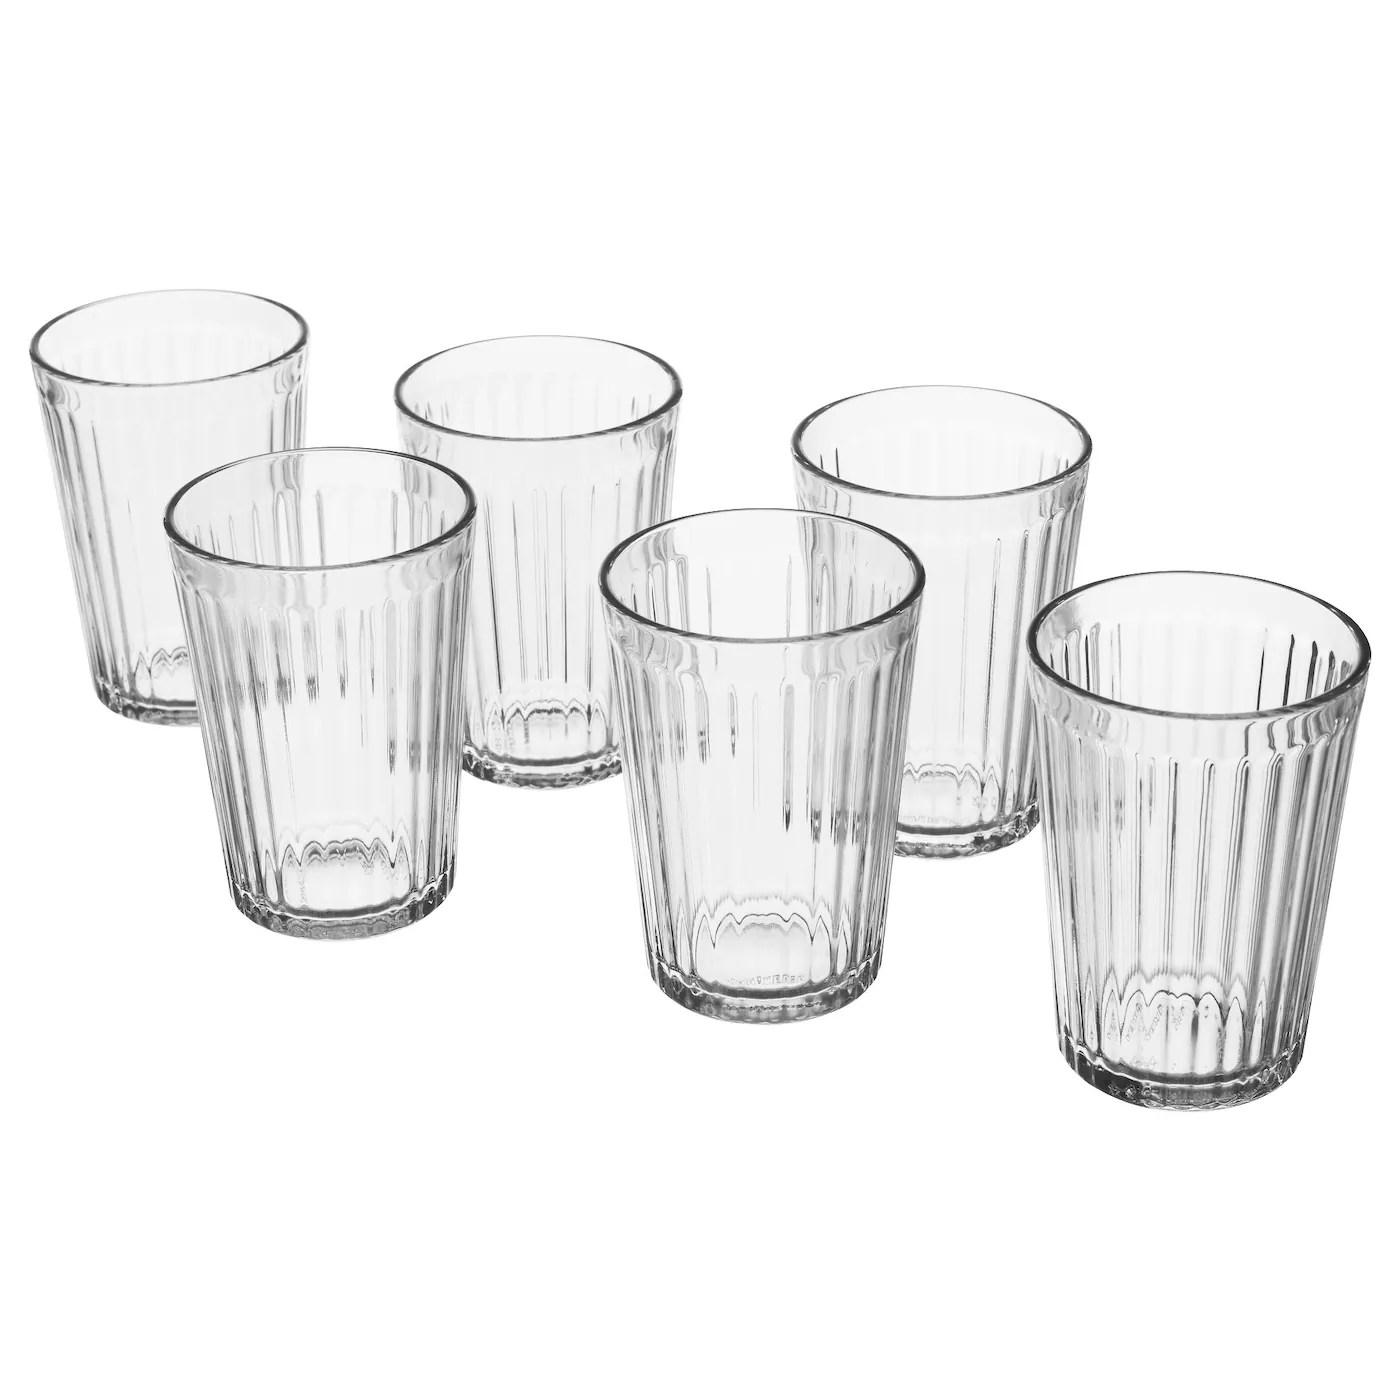 Glasses Amp Drinking Glasses